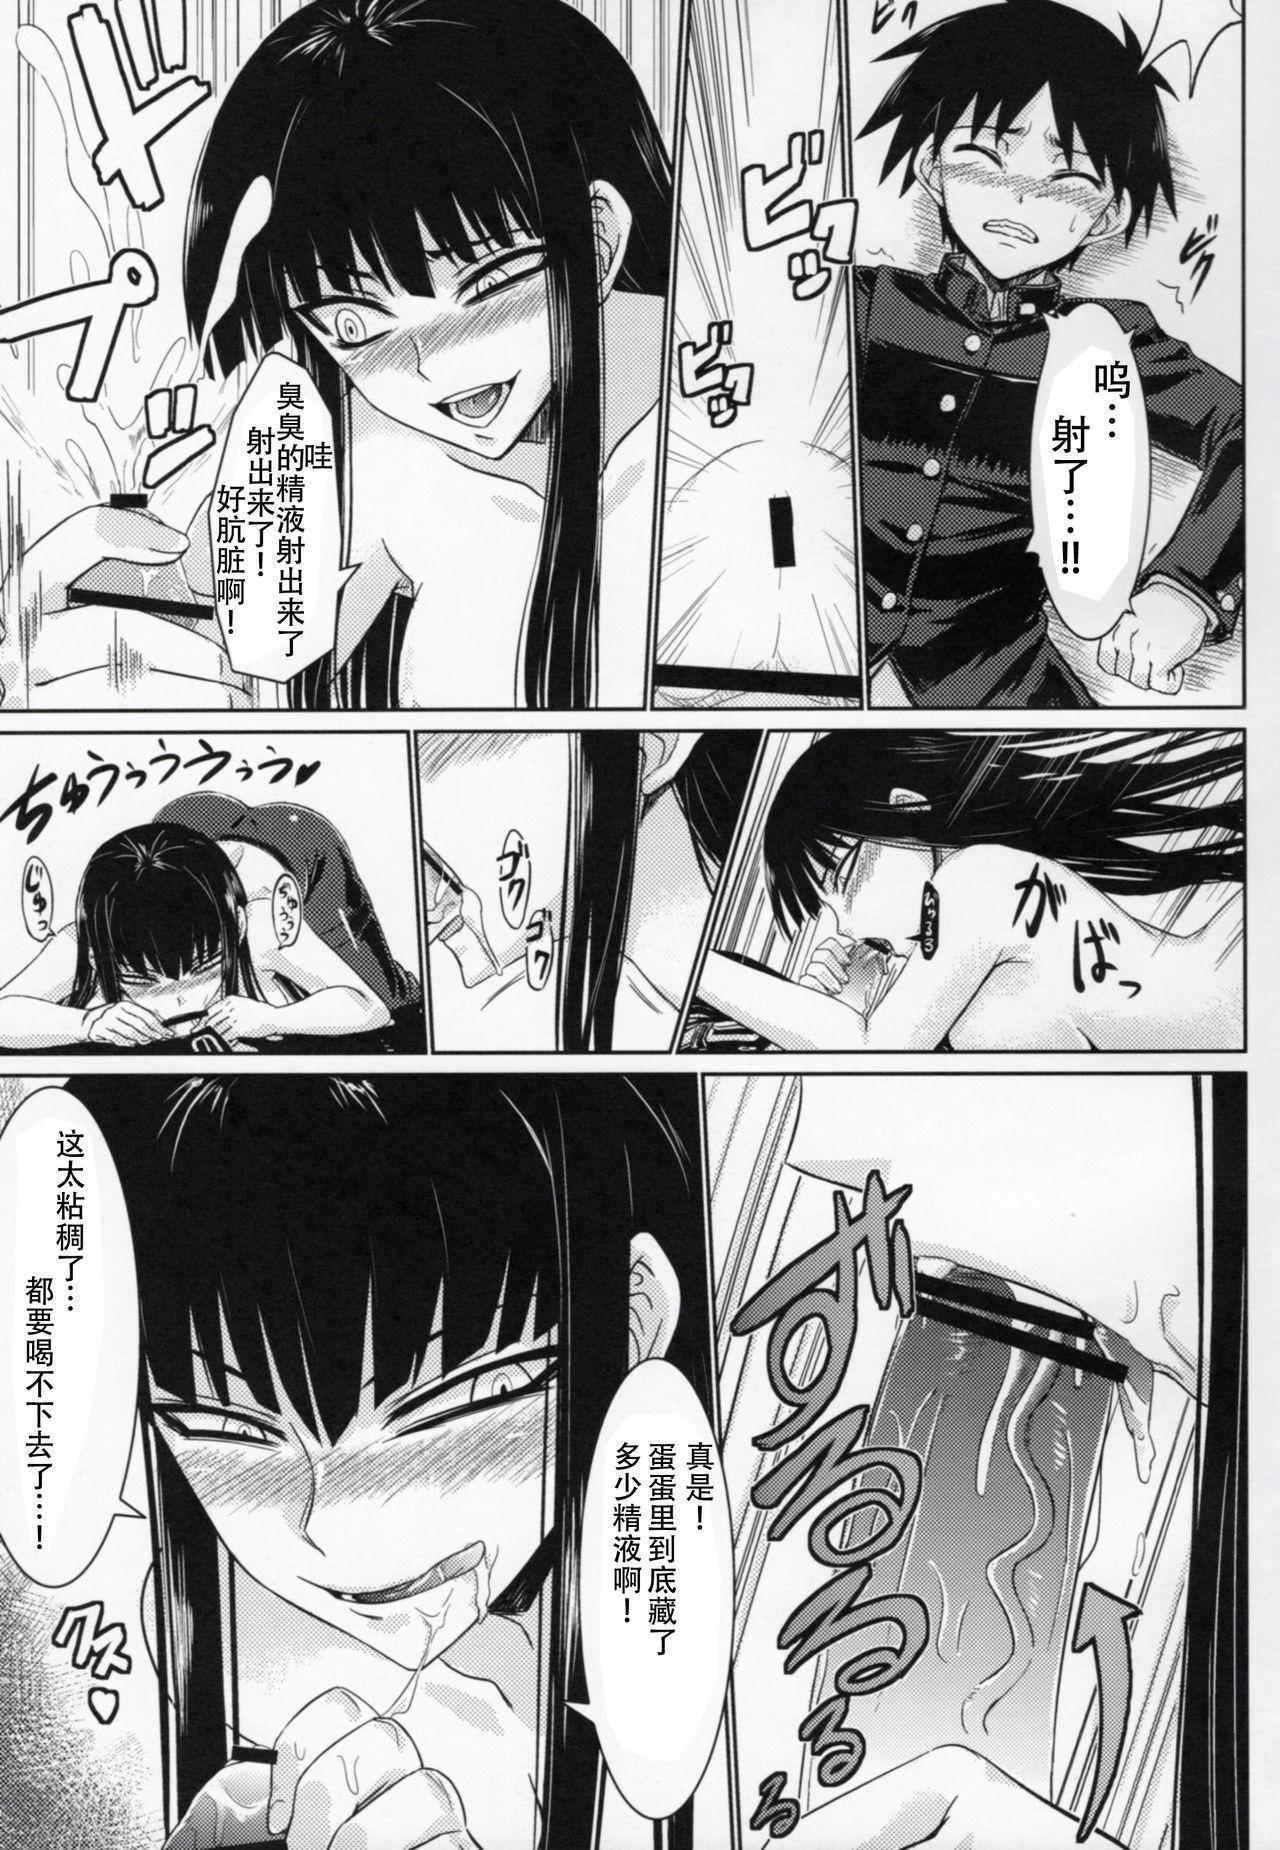 Houkago Sex 3 10